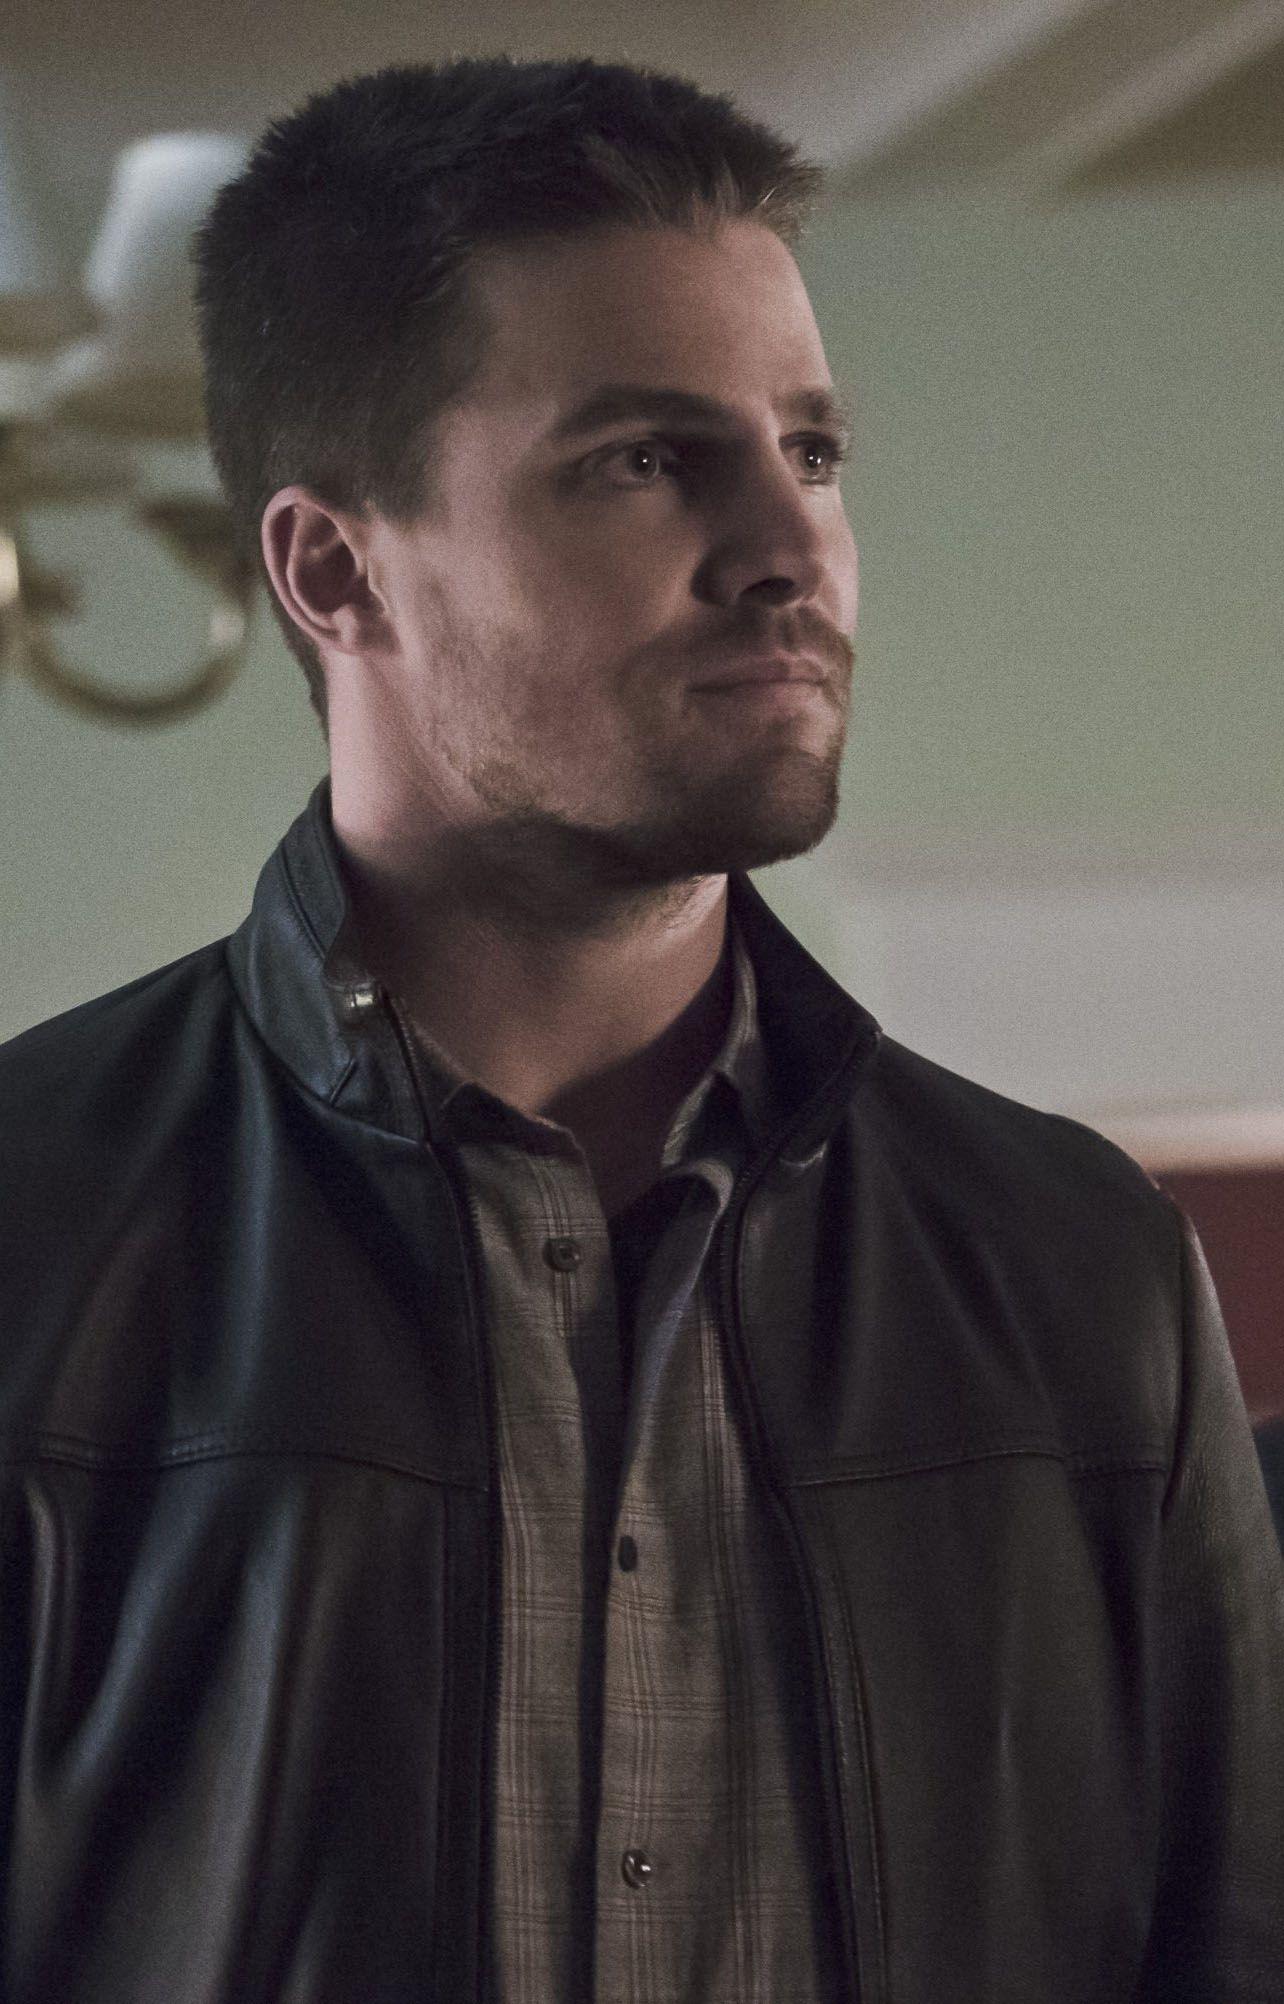 Arrow 4x08 - Oliver Queen